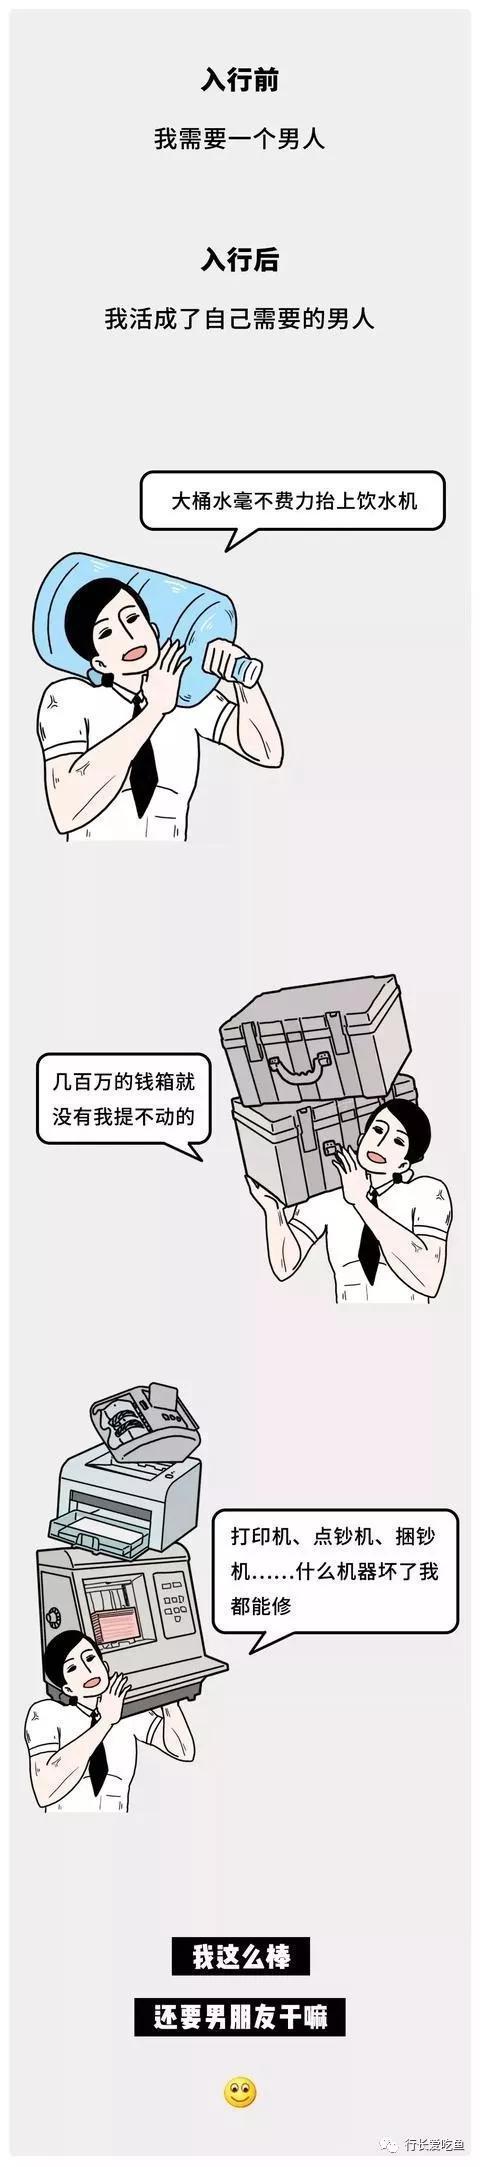 www.888hufall.com-最强芯片漏洞曝光,影响数十亿台设备